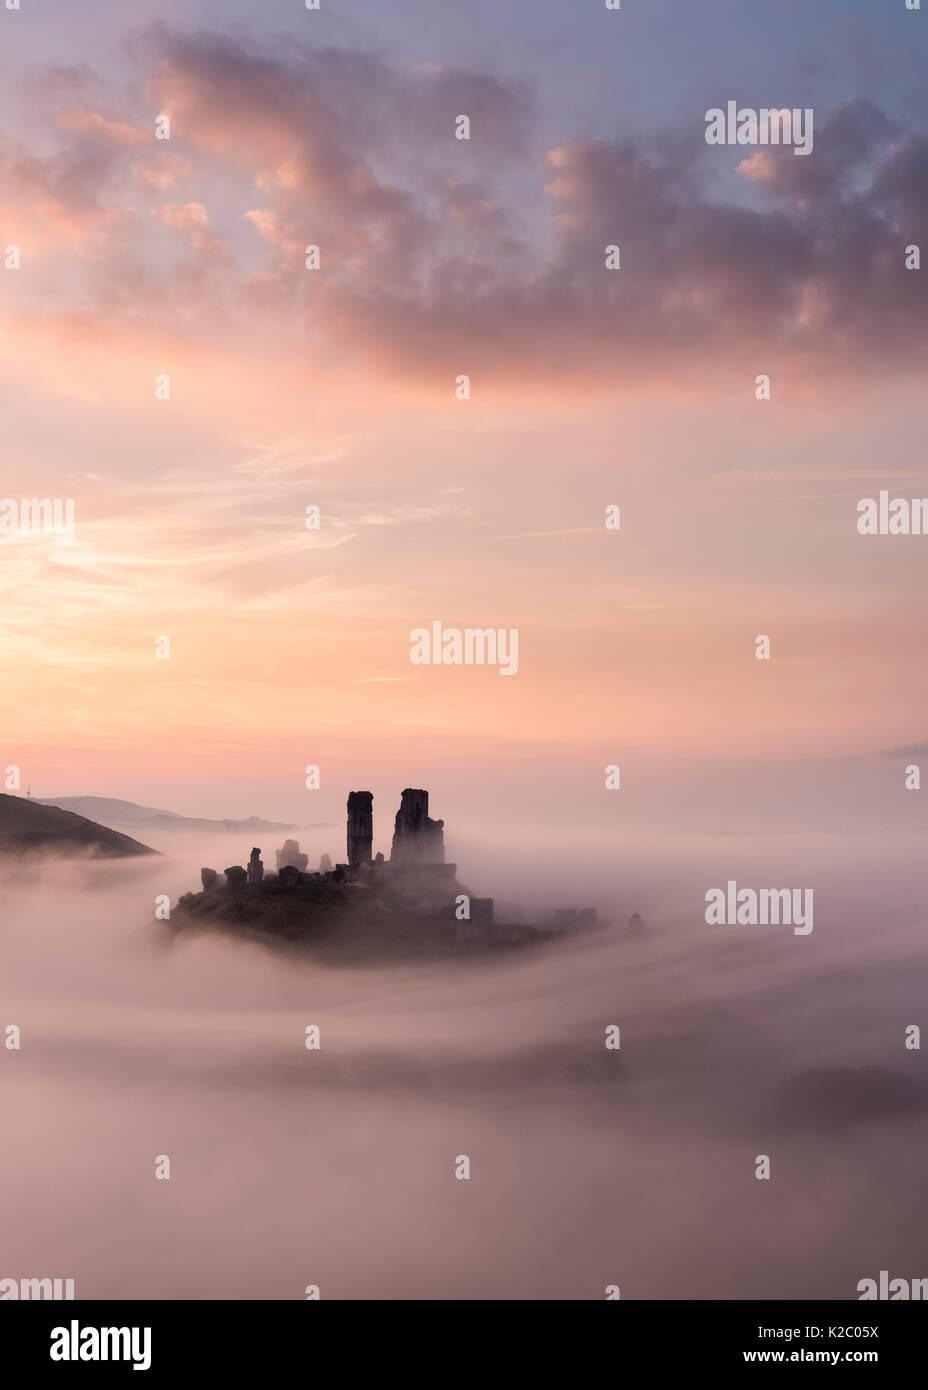 El castillo Corfe al amanecer con niebla, el castillo Corfe, en Dorset, Reino Unido. De septiembre de 2014. Imagen De Stock